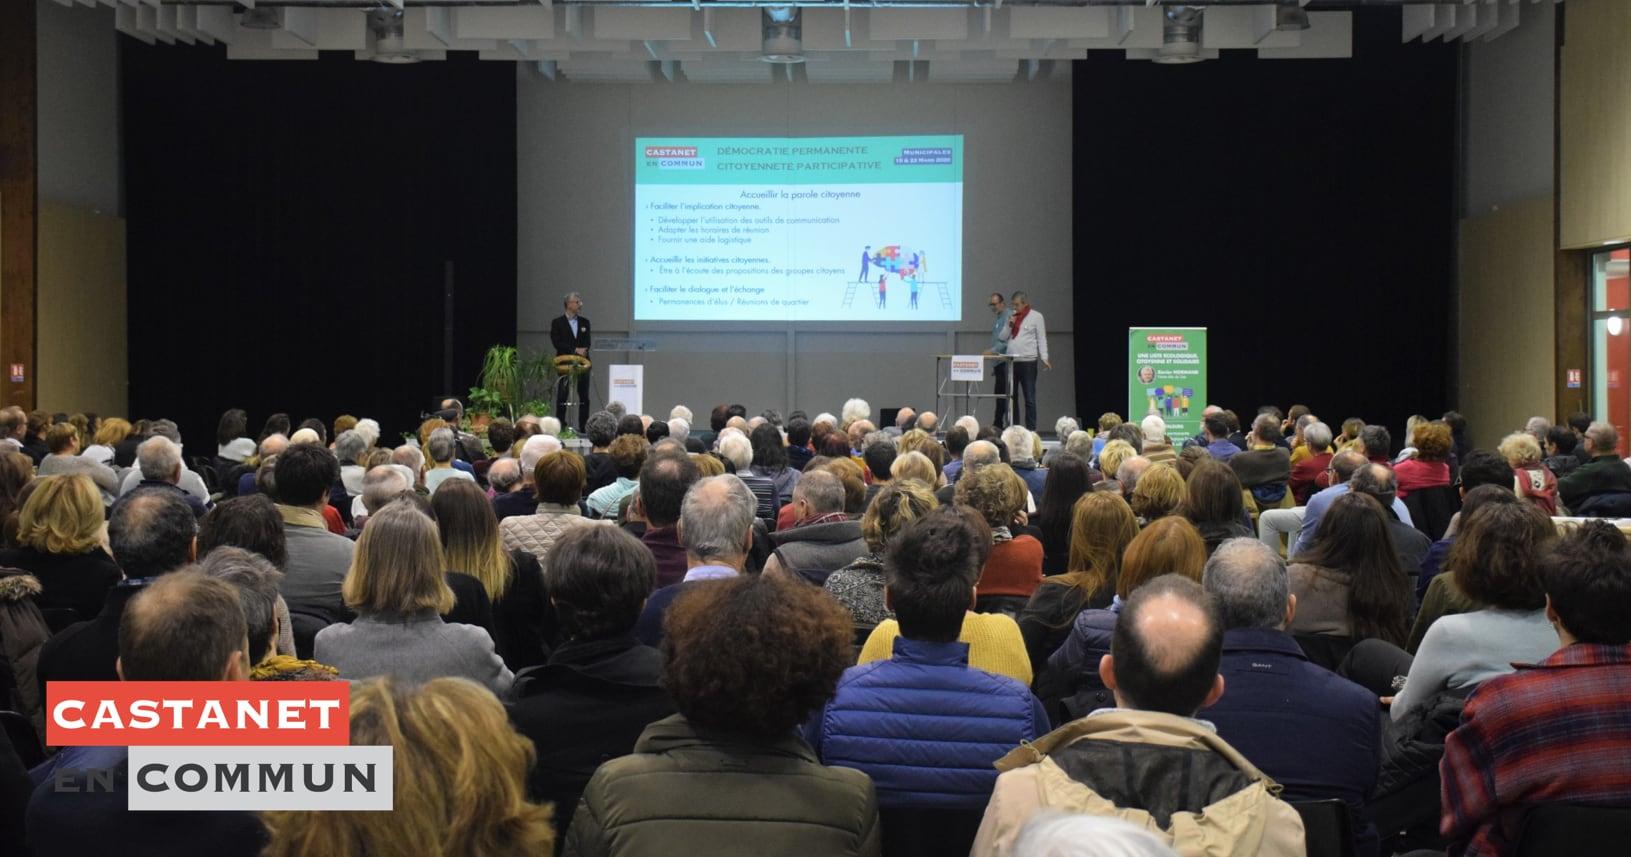 image from Retour sur la réunion publique du 4 février